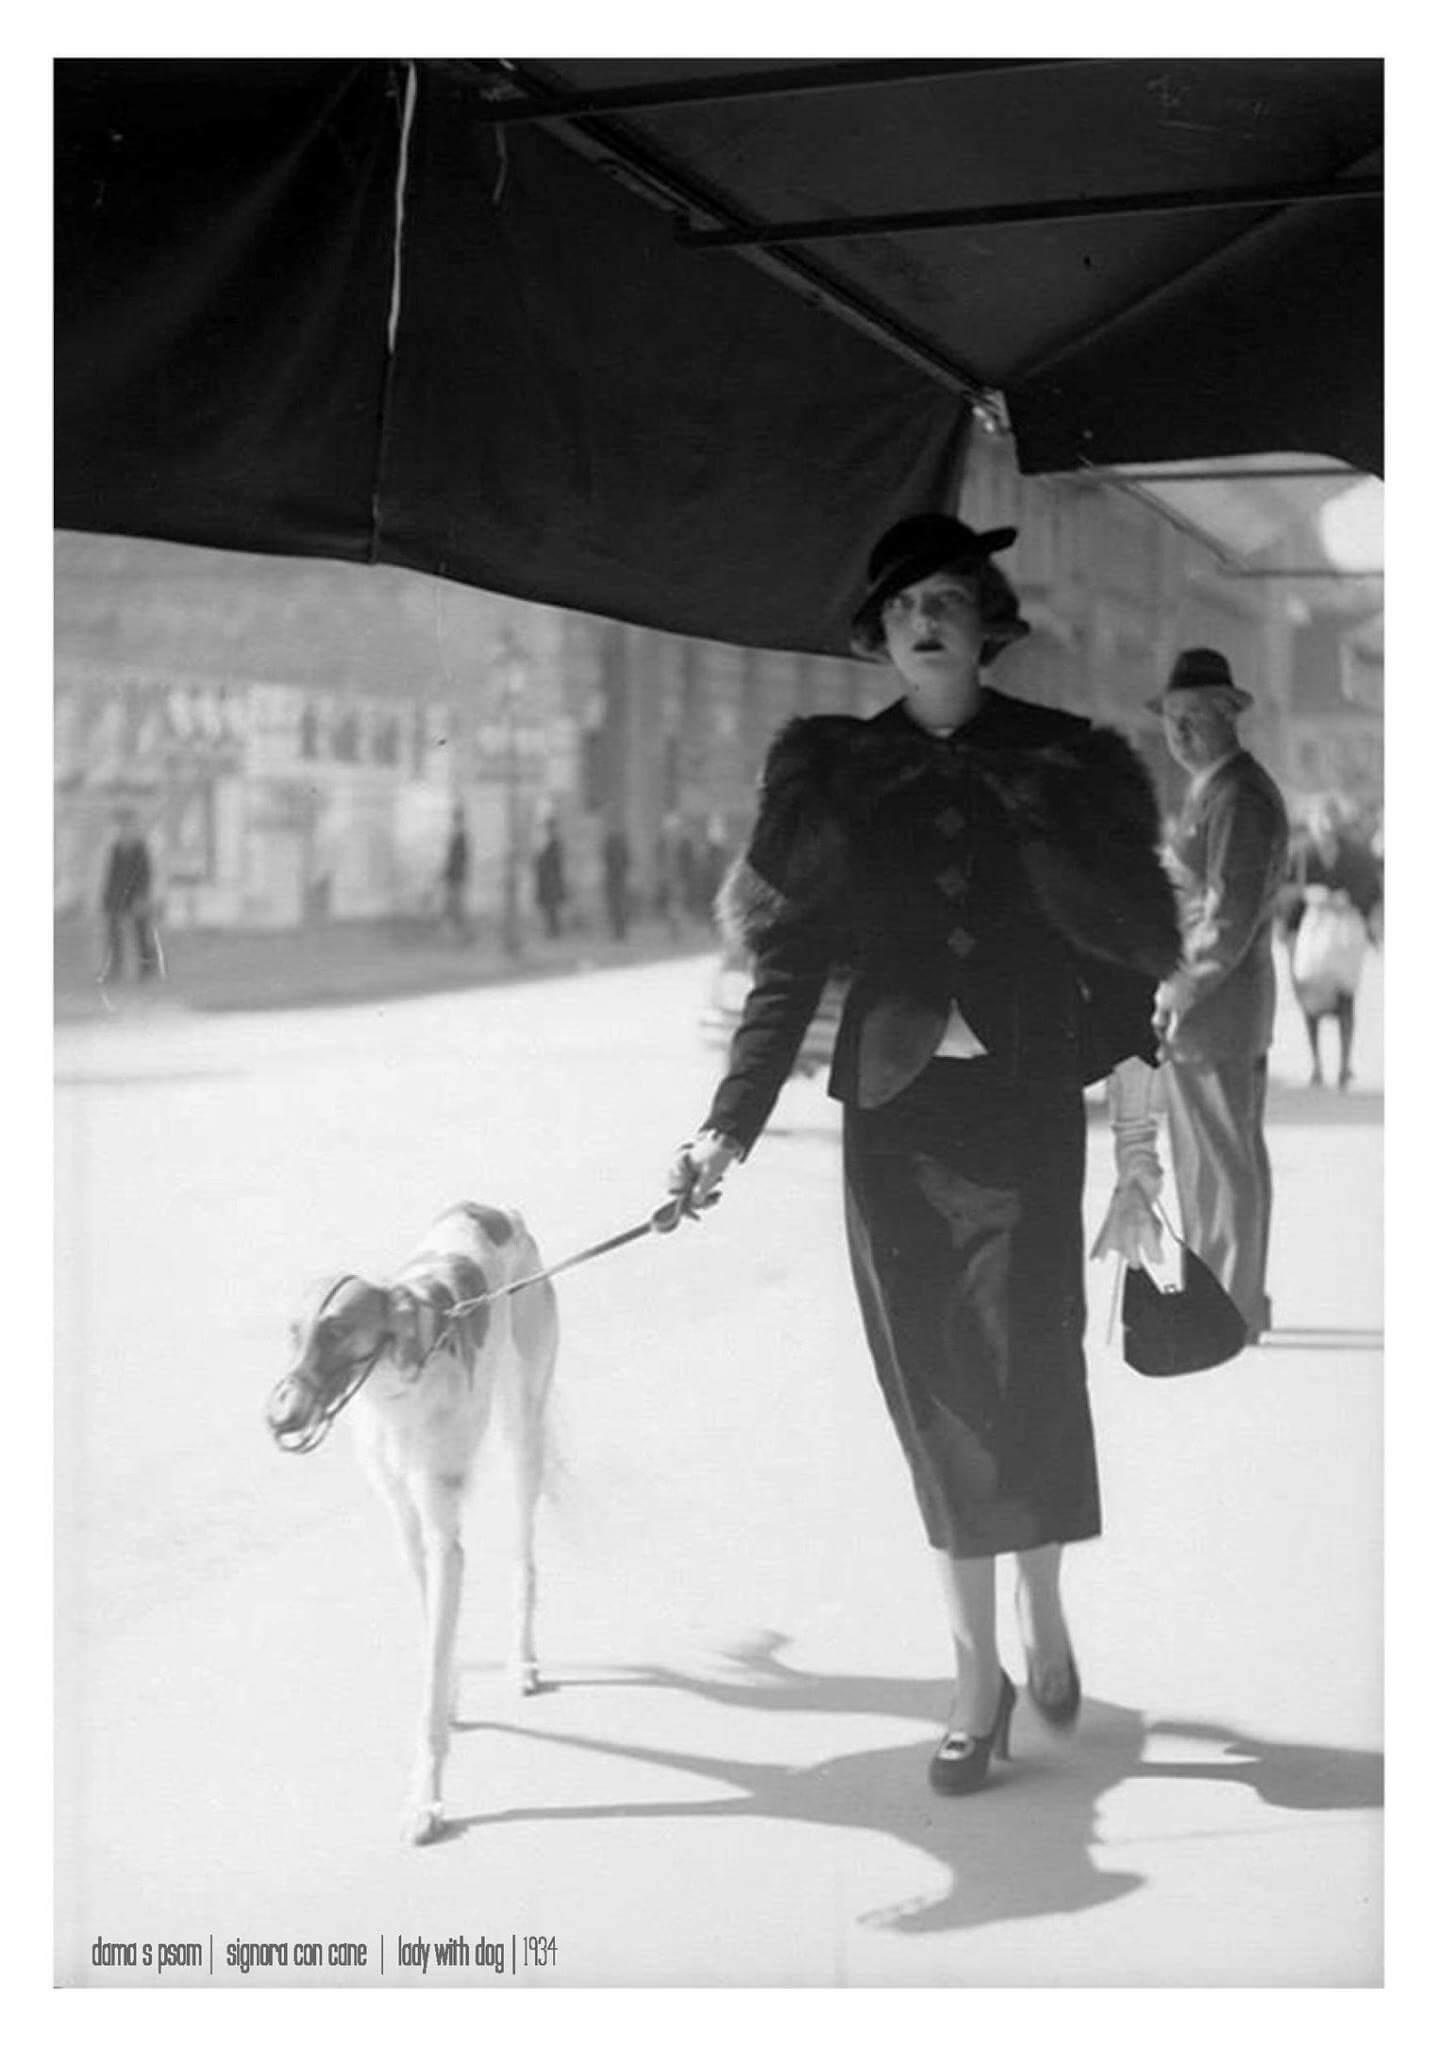 Sjećate li se poznate fotografije dame sa psom iz 30-ih godina?